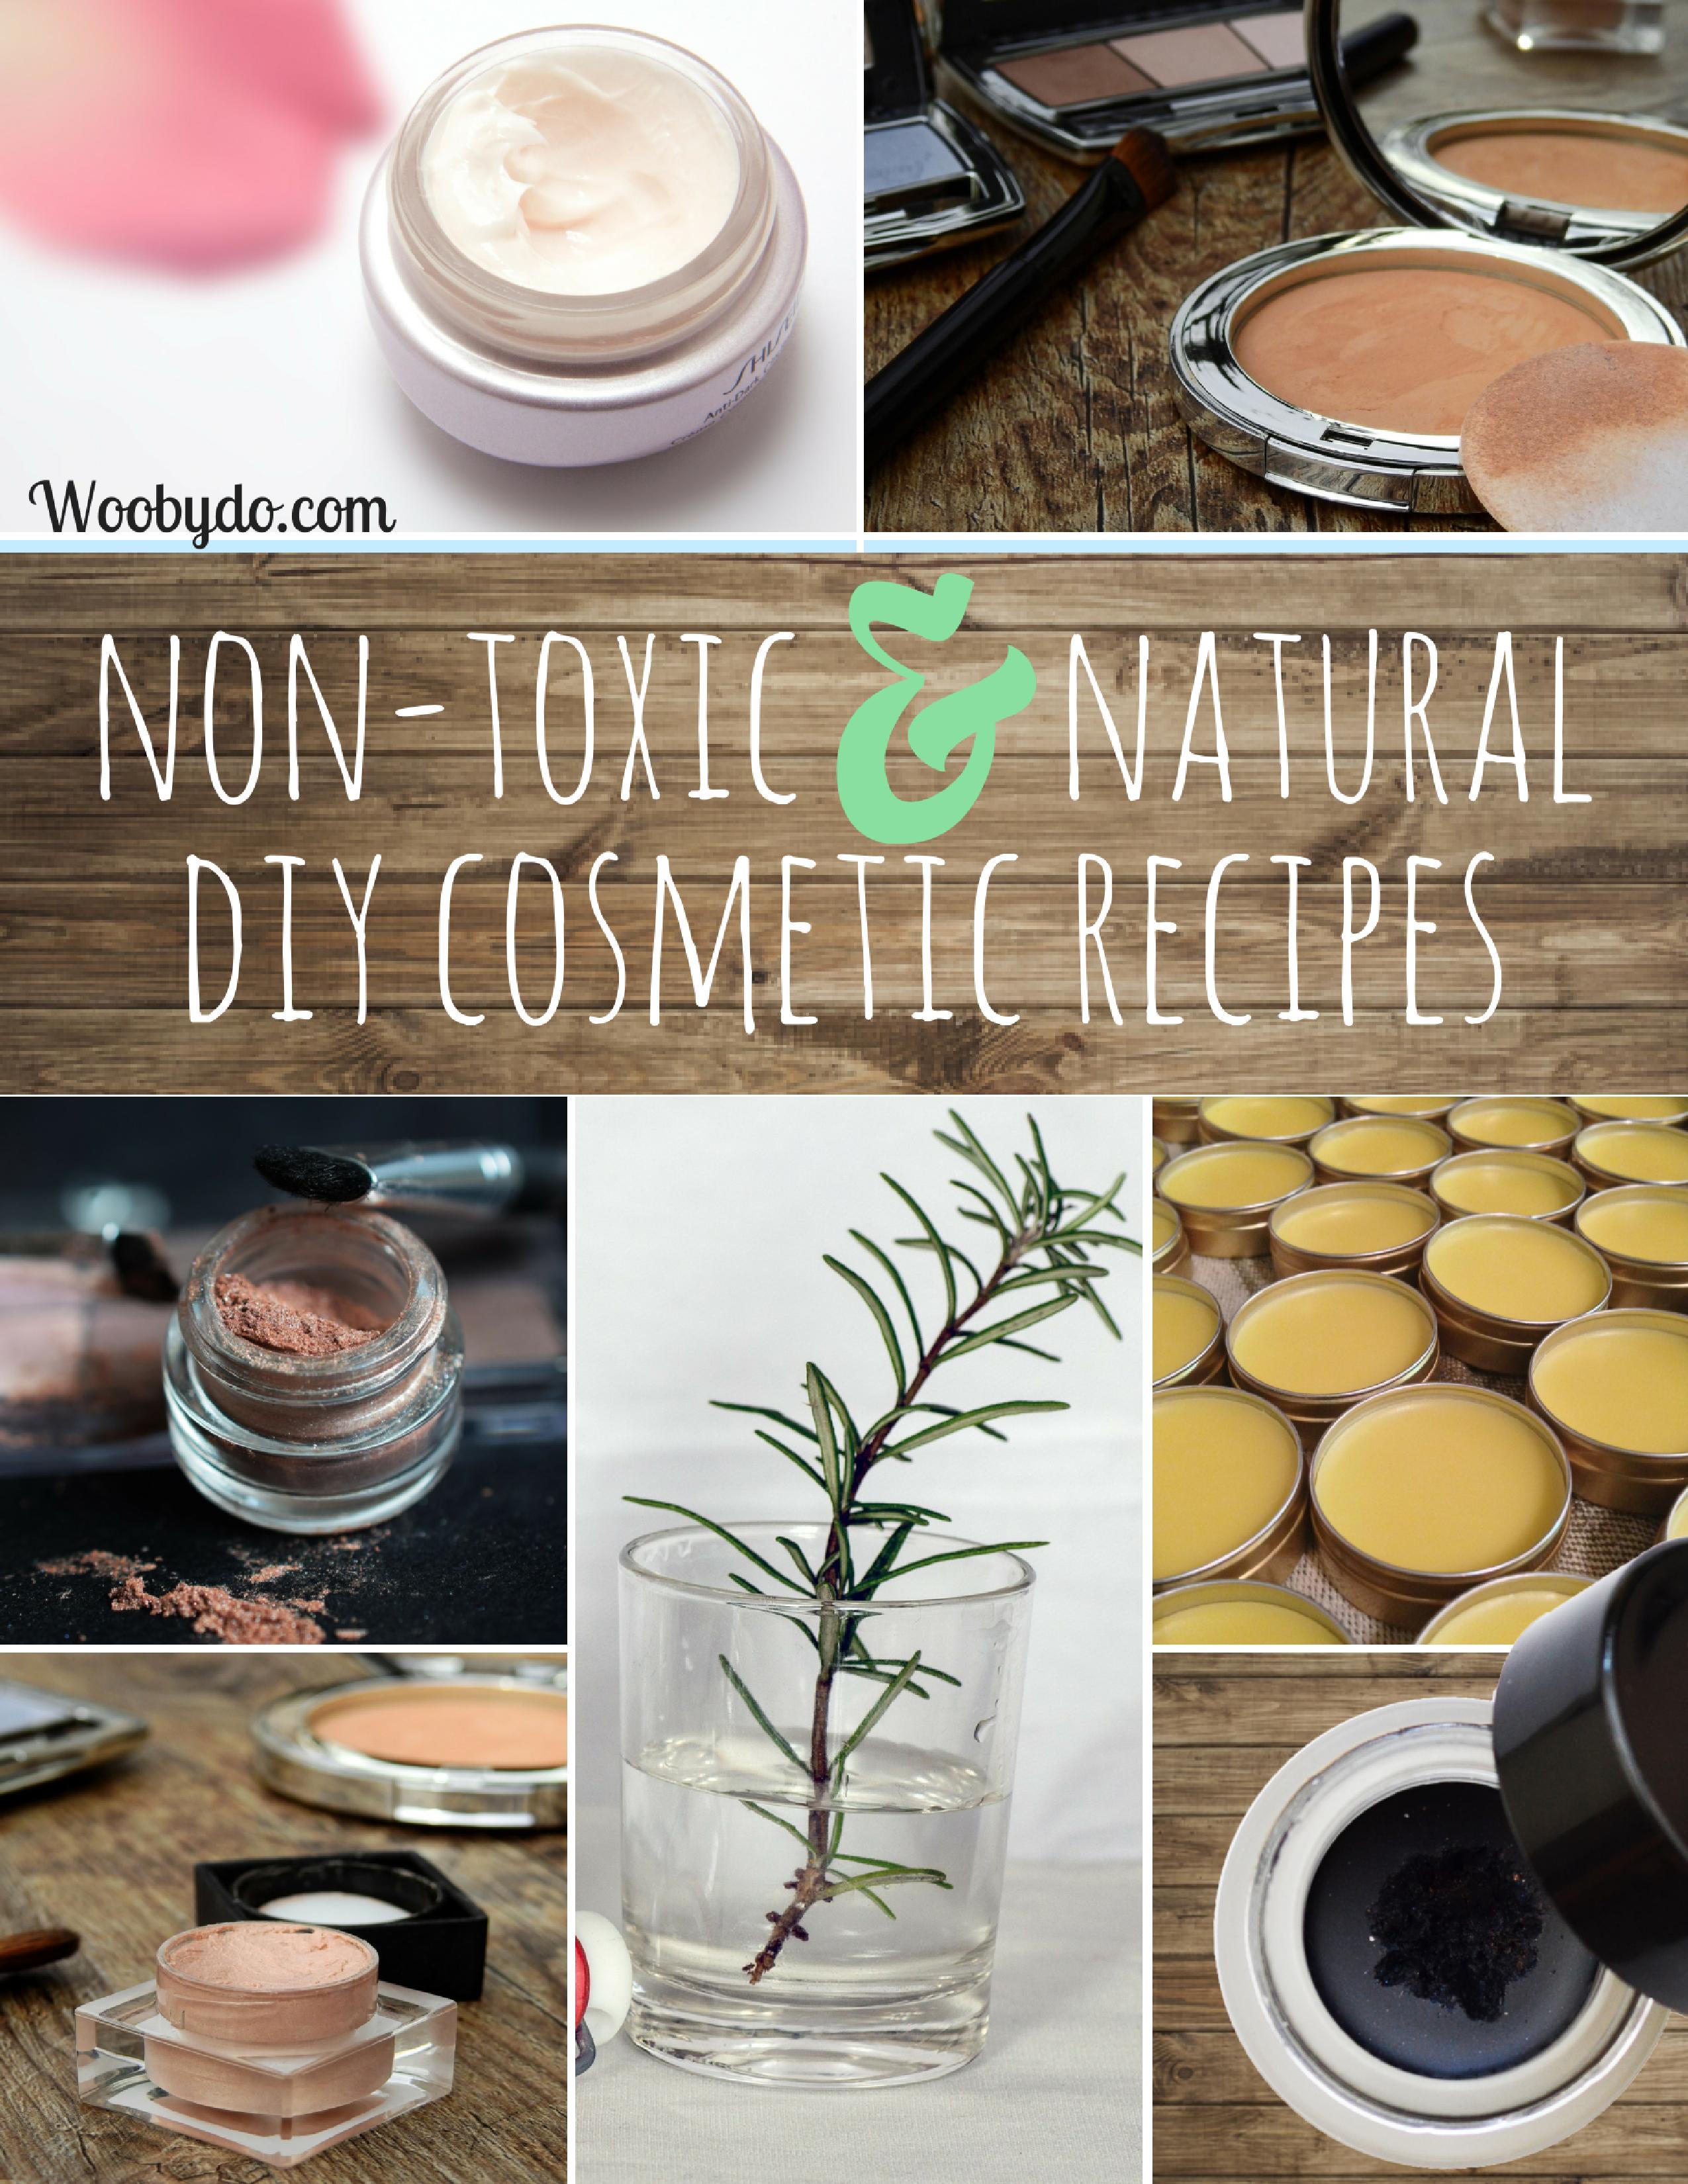 nontoxic natural diy chemicalfree cosmetic recipes